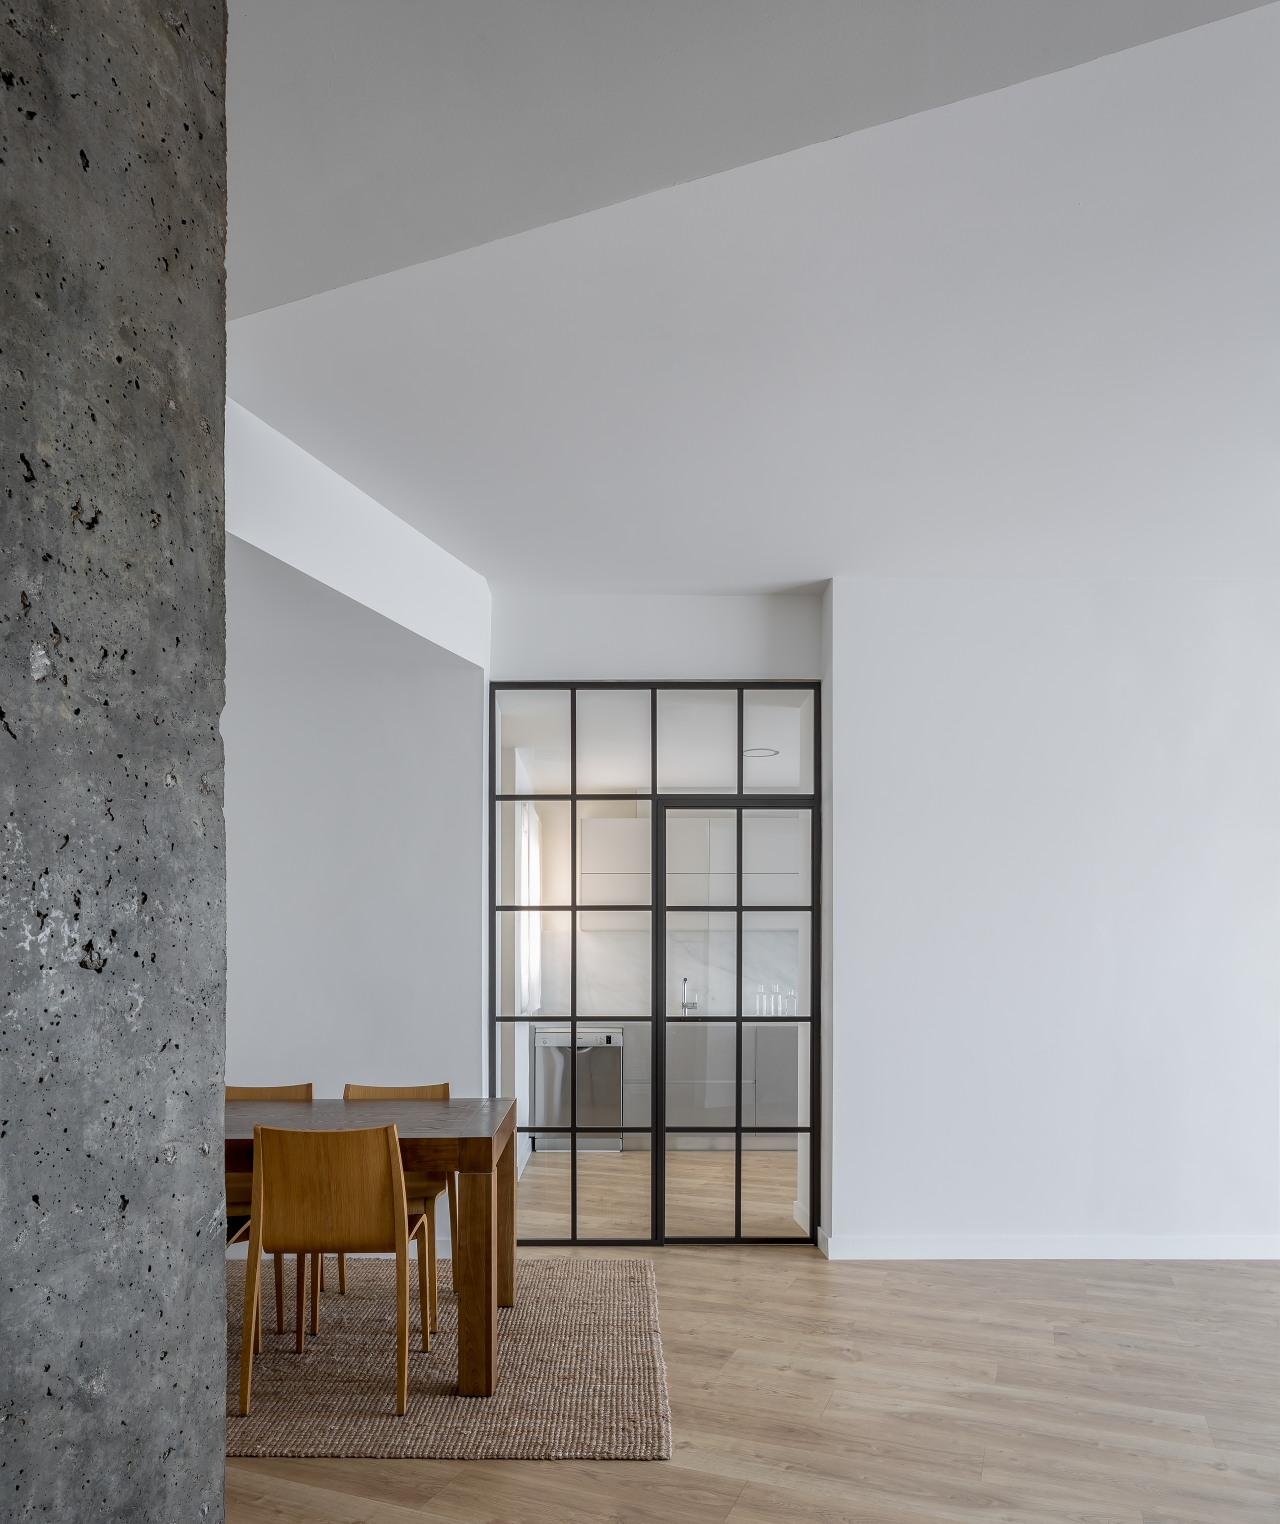 fotografia-arquitectura-valencia-german-cabo-mariola-torre-en-conill (2)